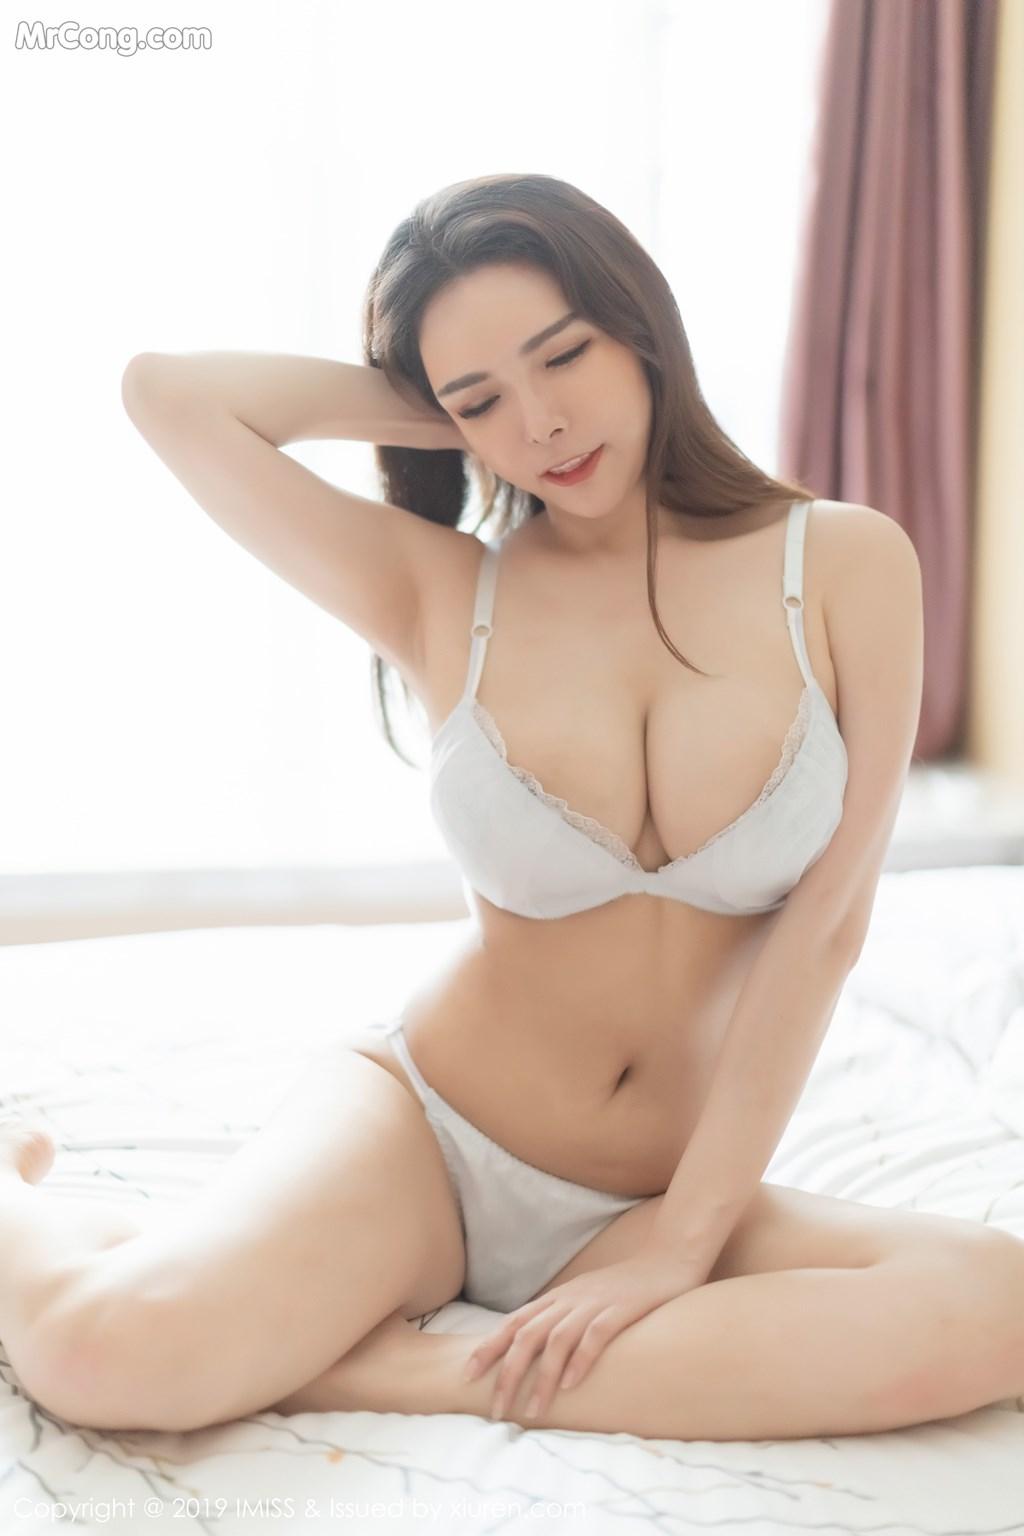 Image IMISS-Vol.351-Xia-Xiao-Qiu-Qiu-Qiu-MrCong.com-002 in post IMISS Vol.351: Xia Xiao Qiu Qiu Qiu (夏小秋秋秋) (51 ảnh)